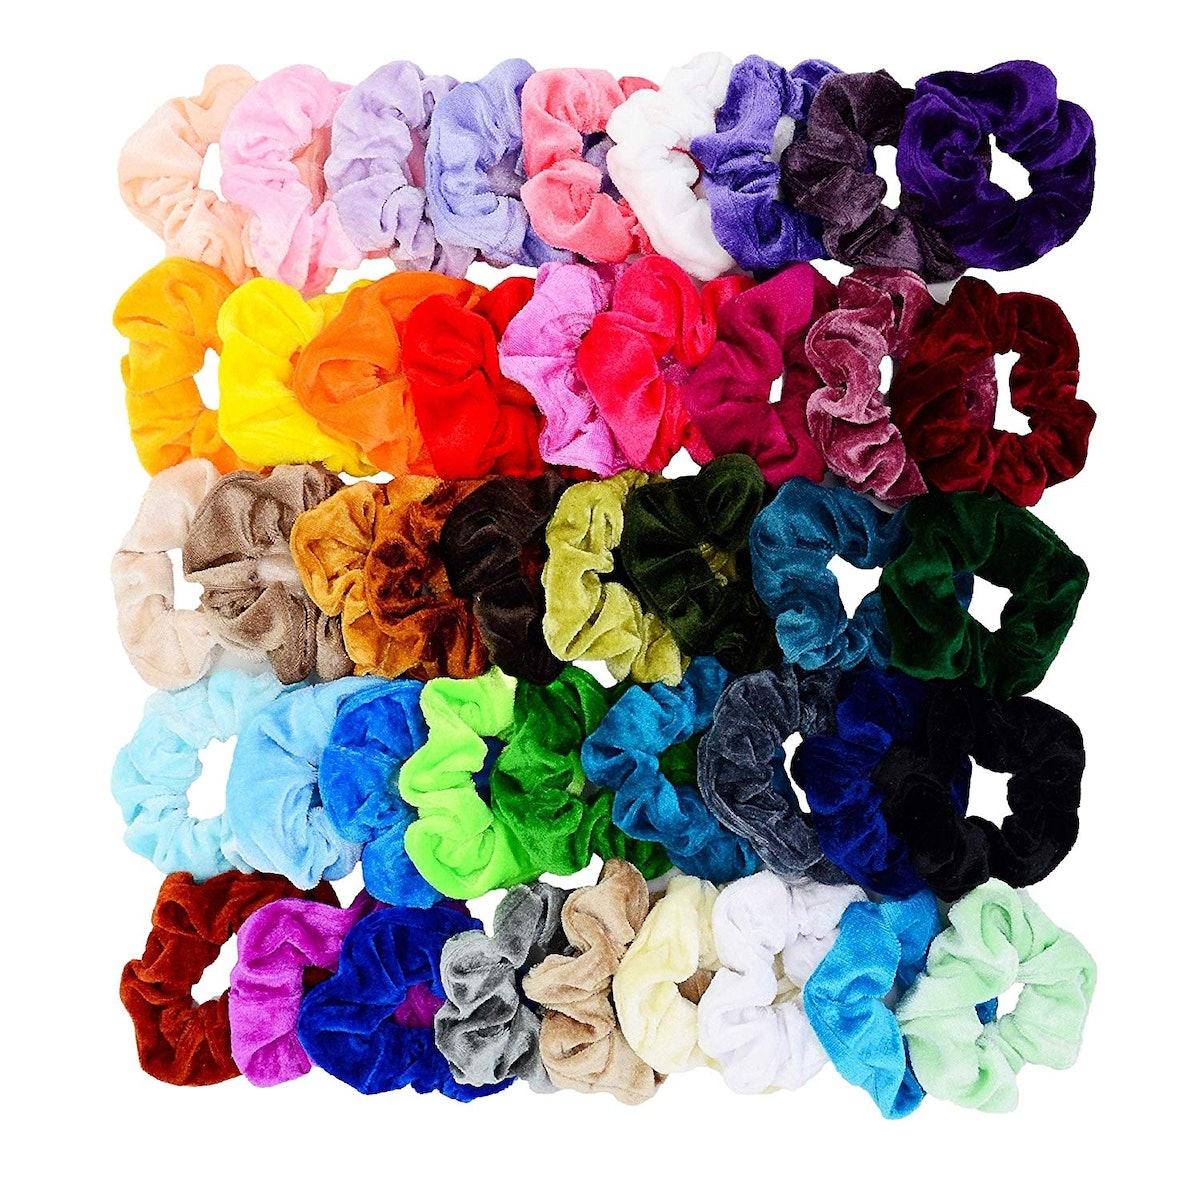 Chloven Velvet Hair Scrunchies (45-Pack)